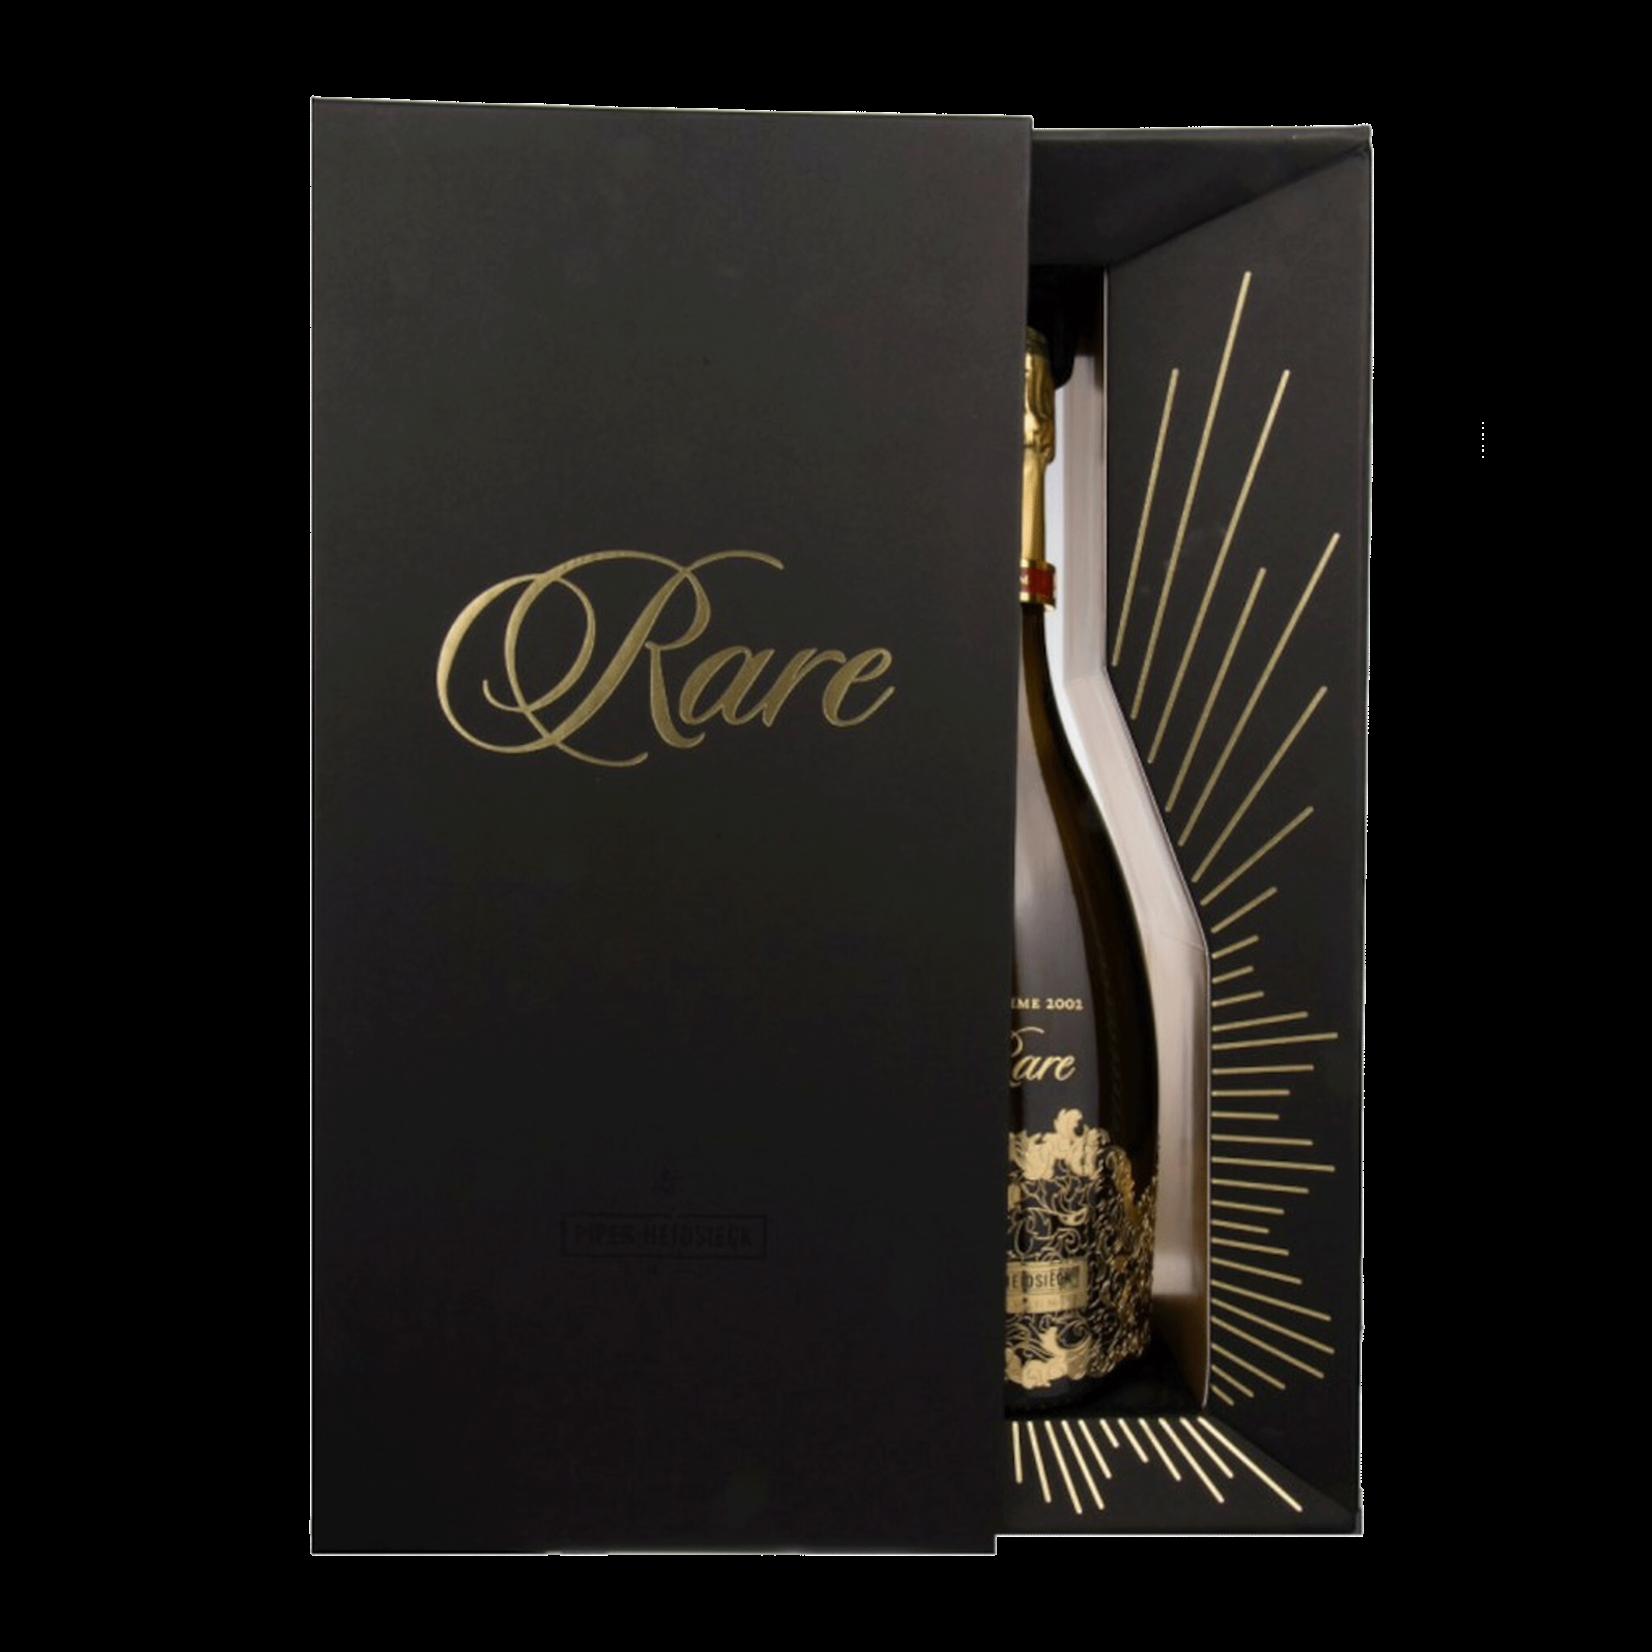 Piper Heidsieck Champagne Brut Cuvee Rare 2006